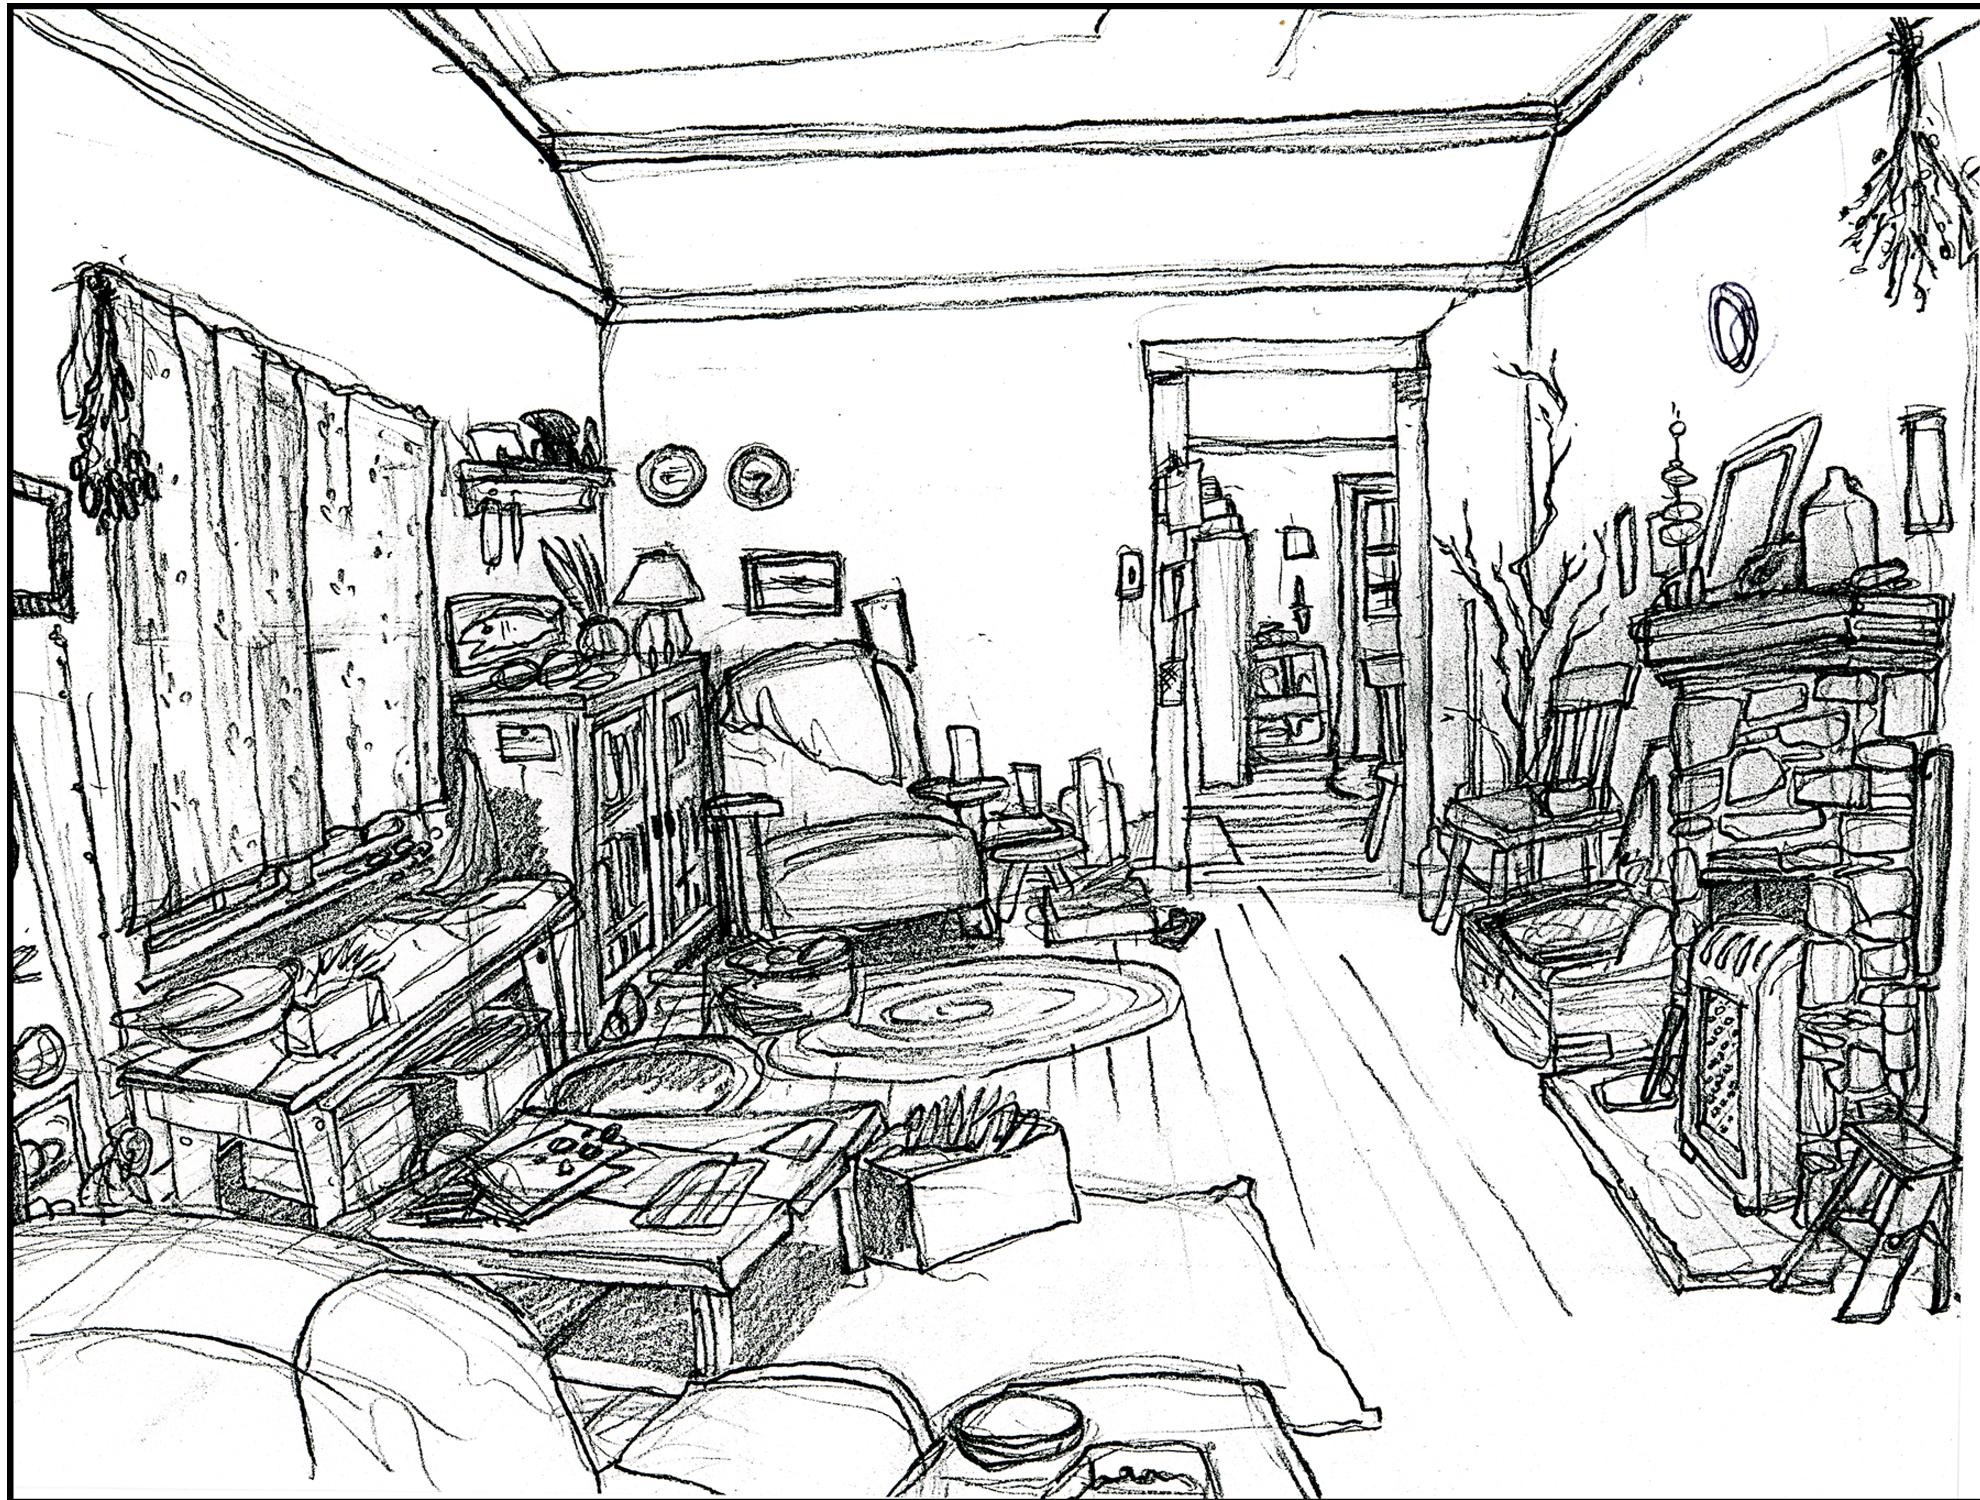 Living Room Interior Drawing.jpg